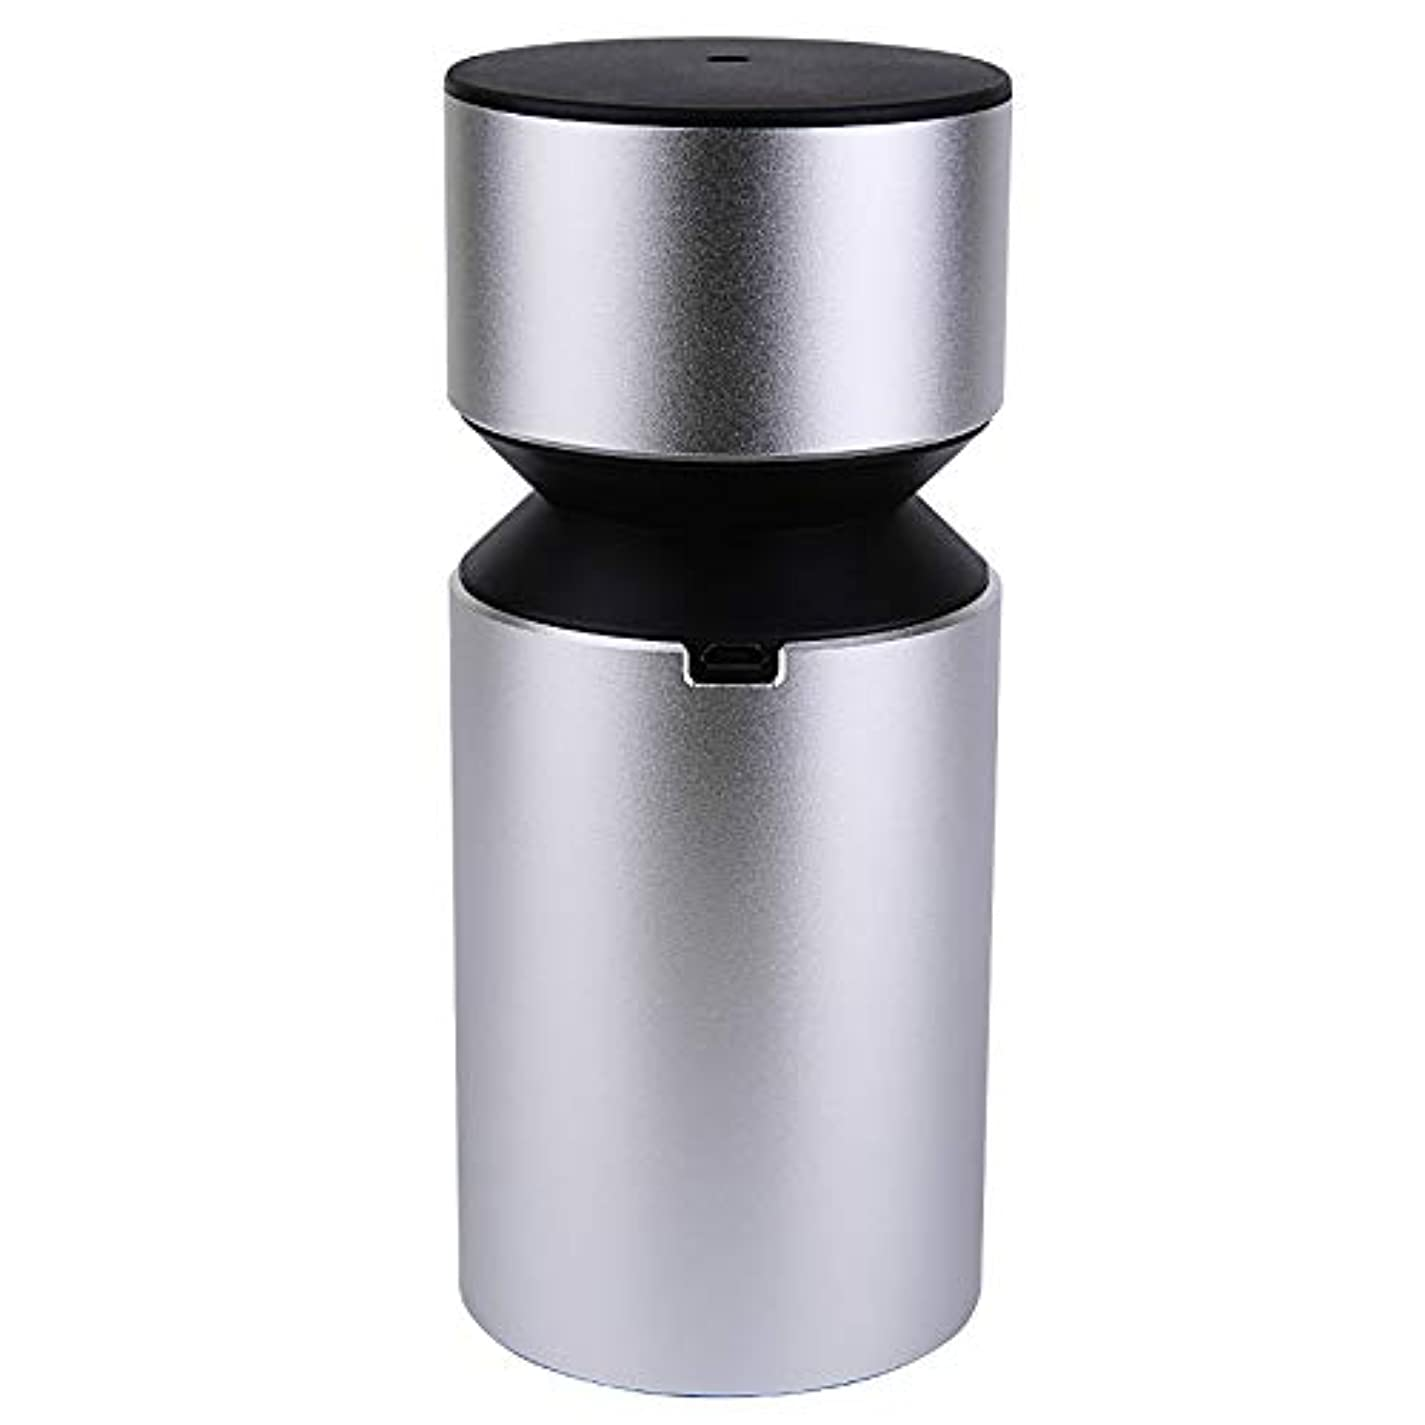 投資山大きさアロマディフューザー 車載用 ネブライザー式 充電式 静音 精油瓶1個スポイト付きT11-ENS068N (シルバー)